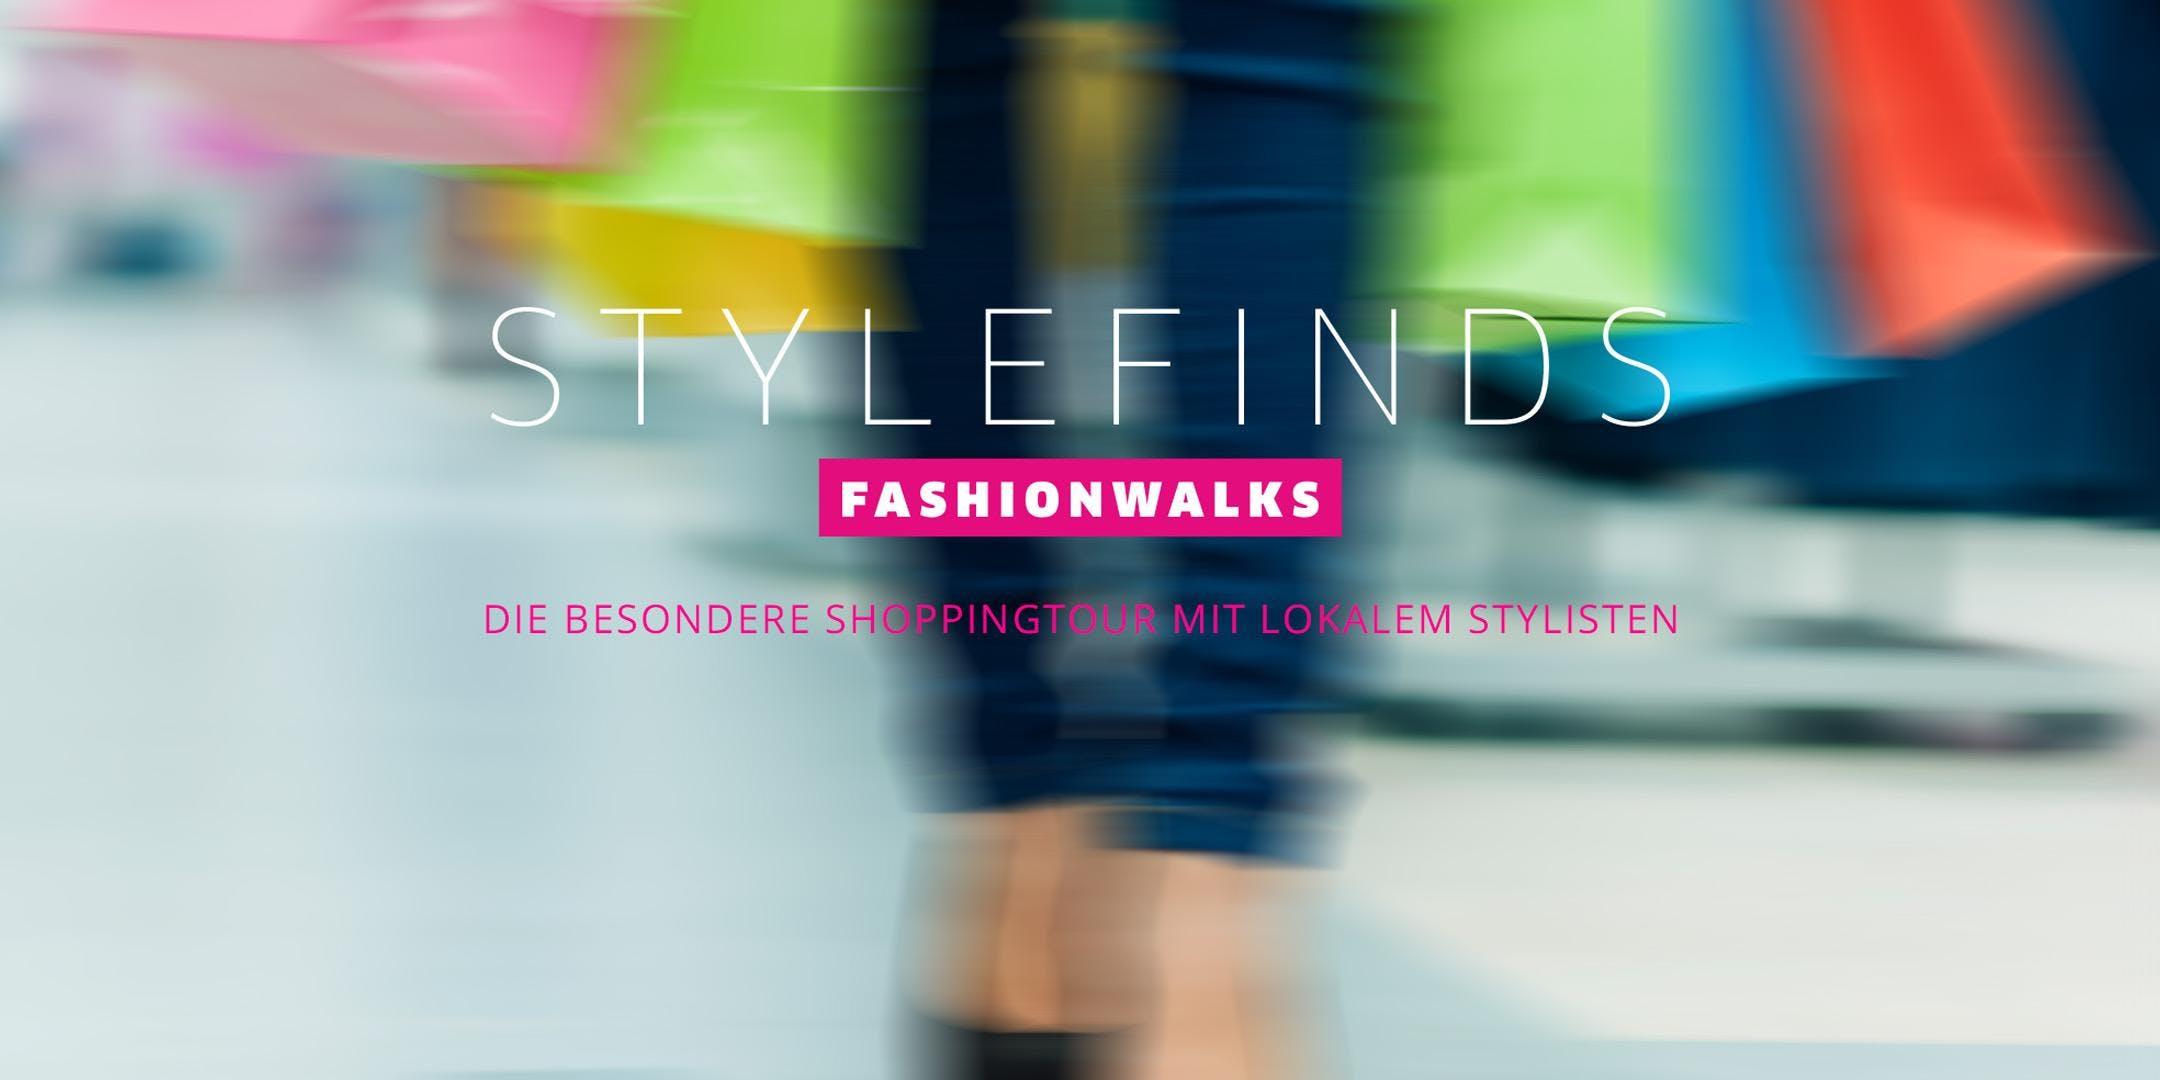 STYLEFINDS FASHIONWALKS Shoppingtouren - Entd